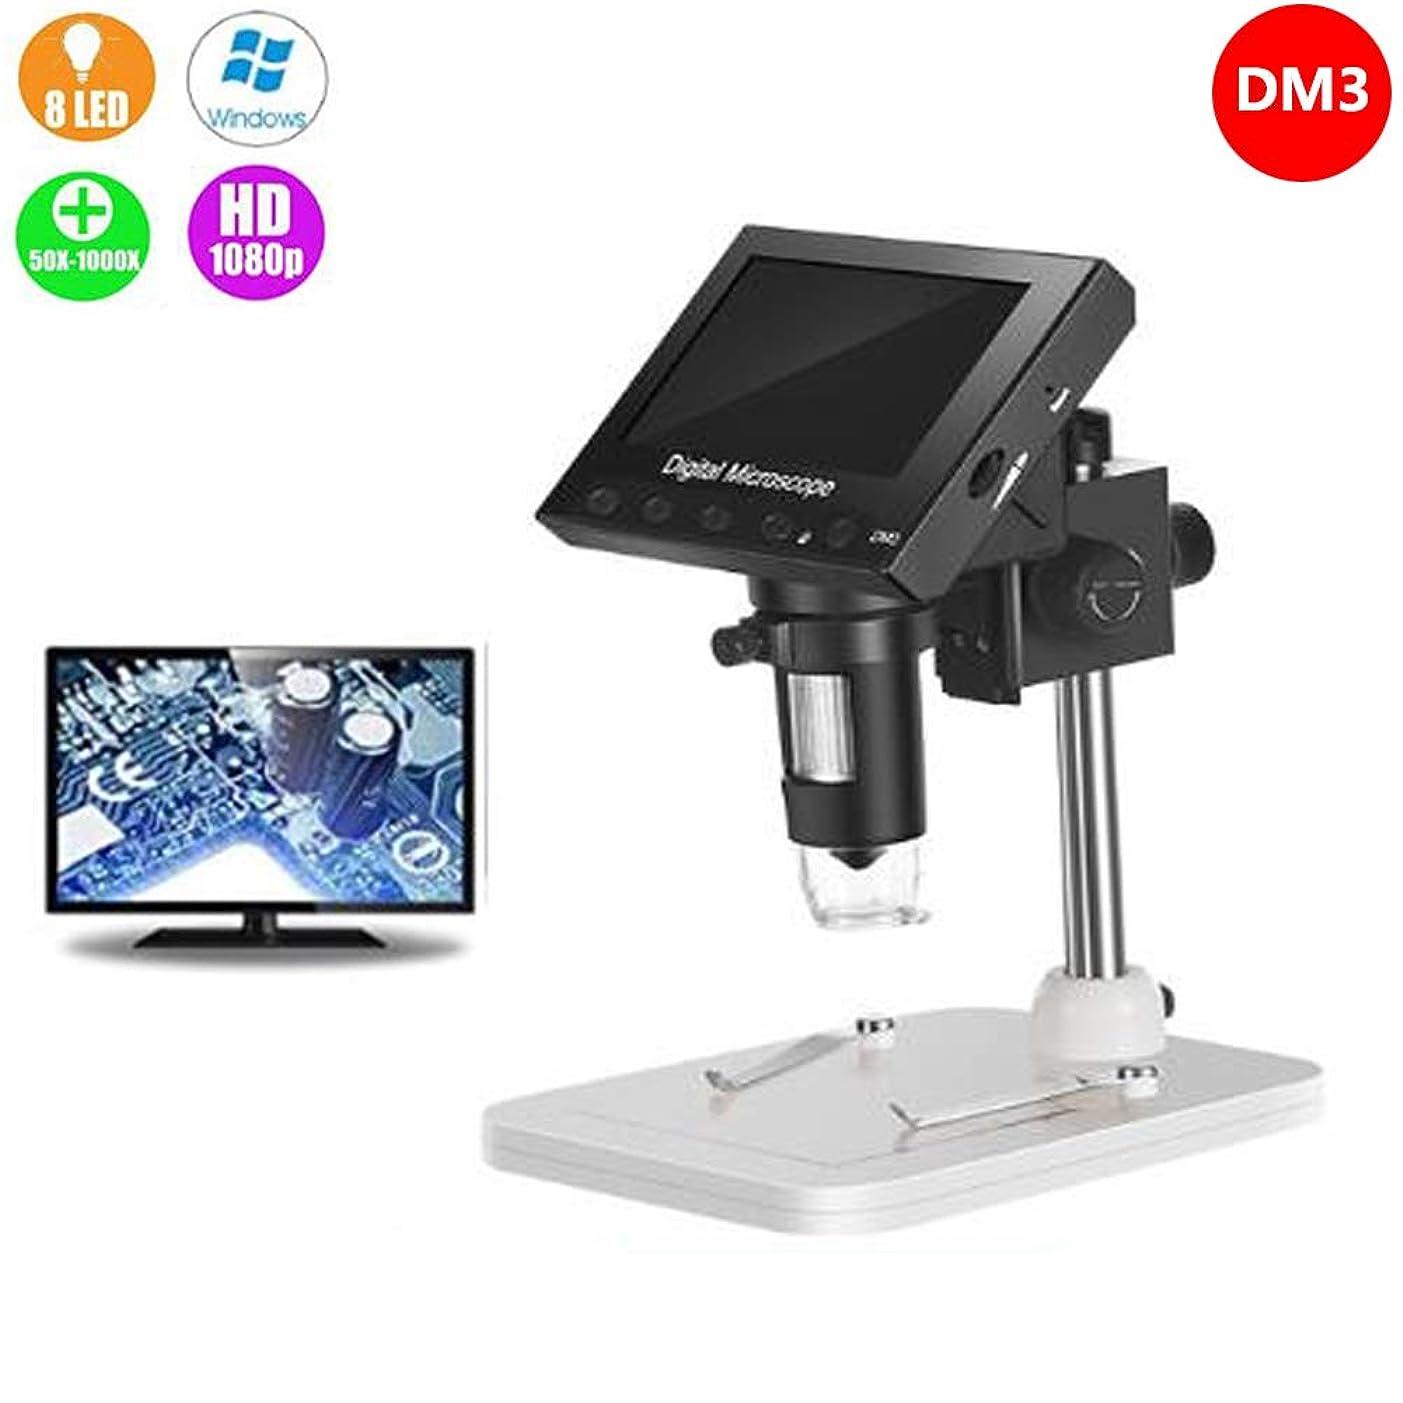 グリルコピー引用顕微鏡、1000x 倍率1080P HD、プラスチック製のリフトスタンド付きコンピューターと互換性あり